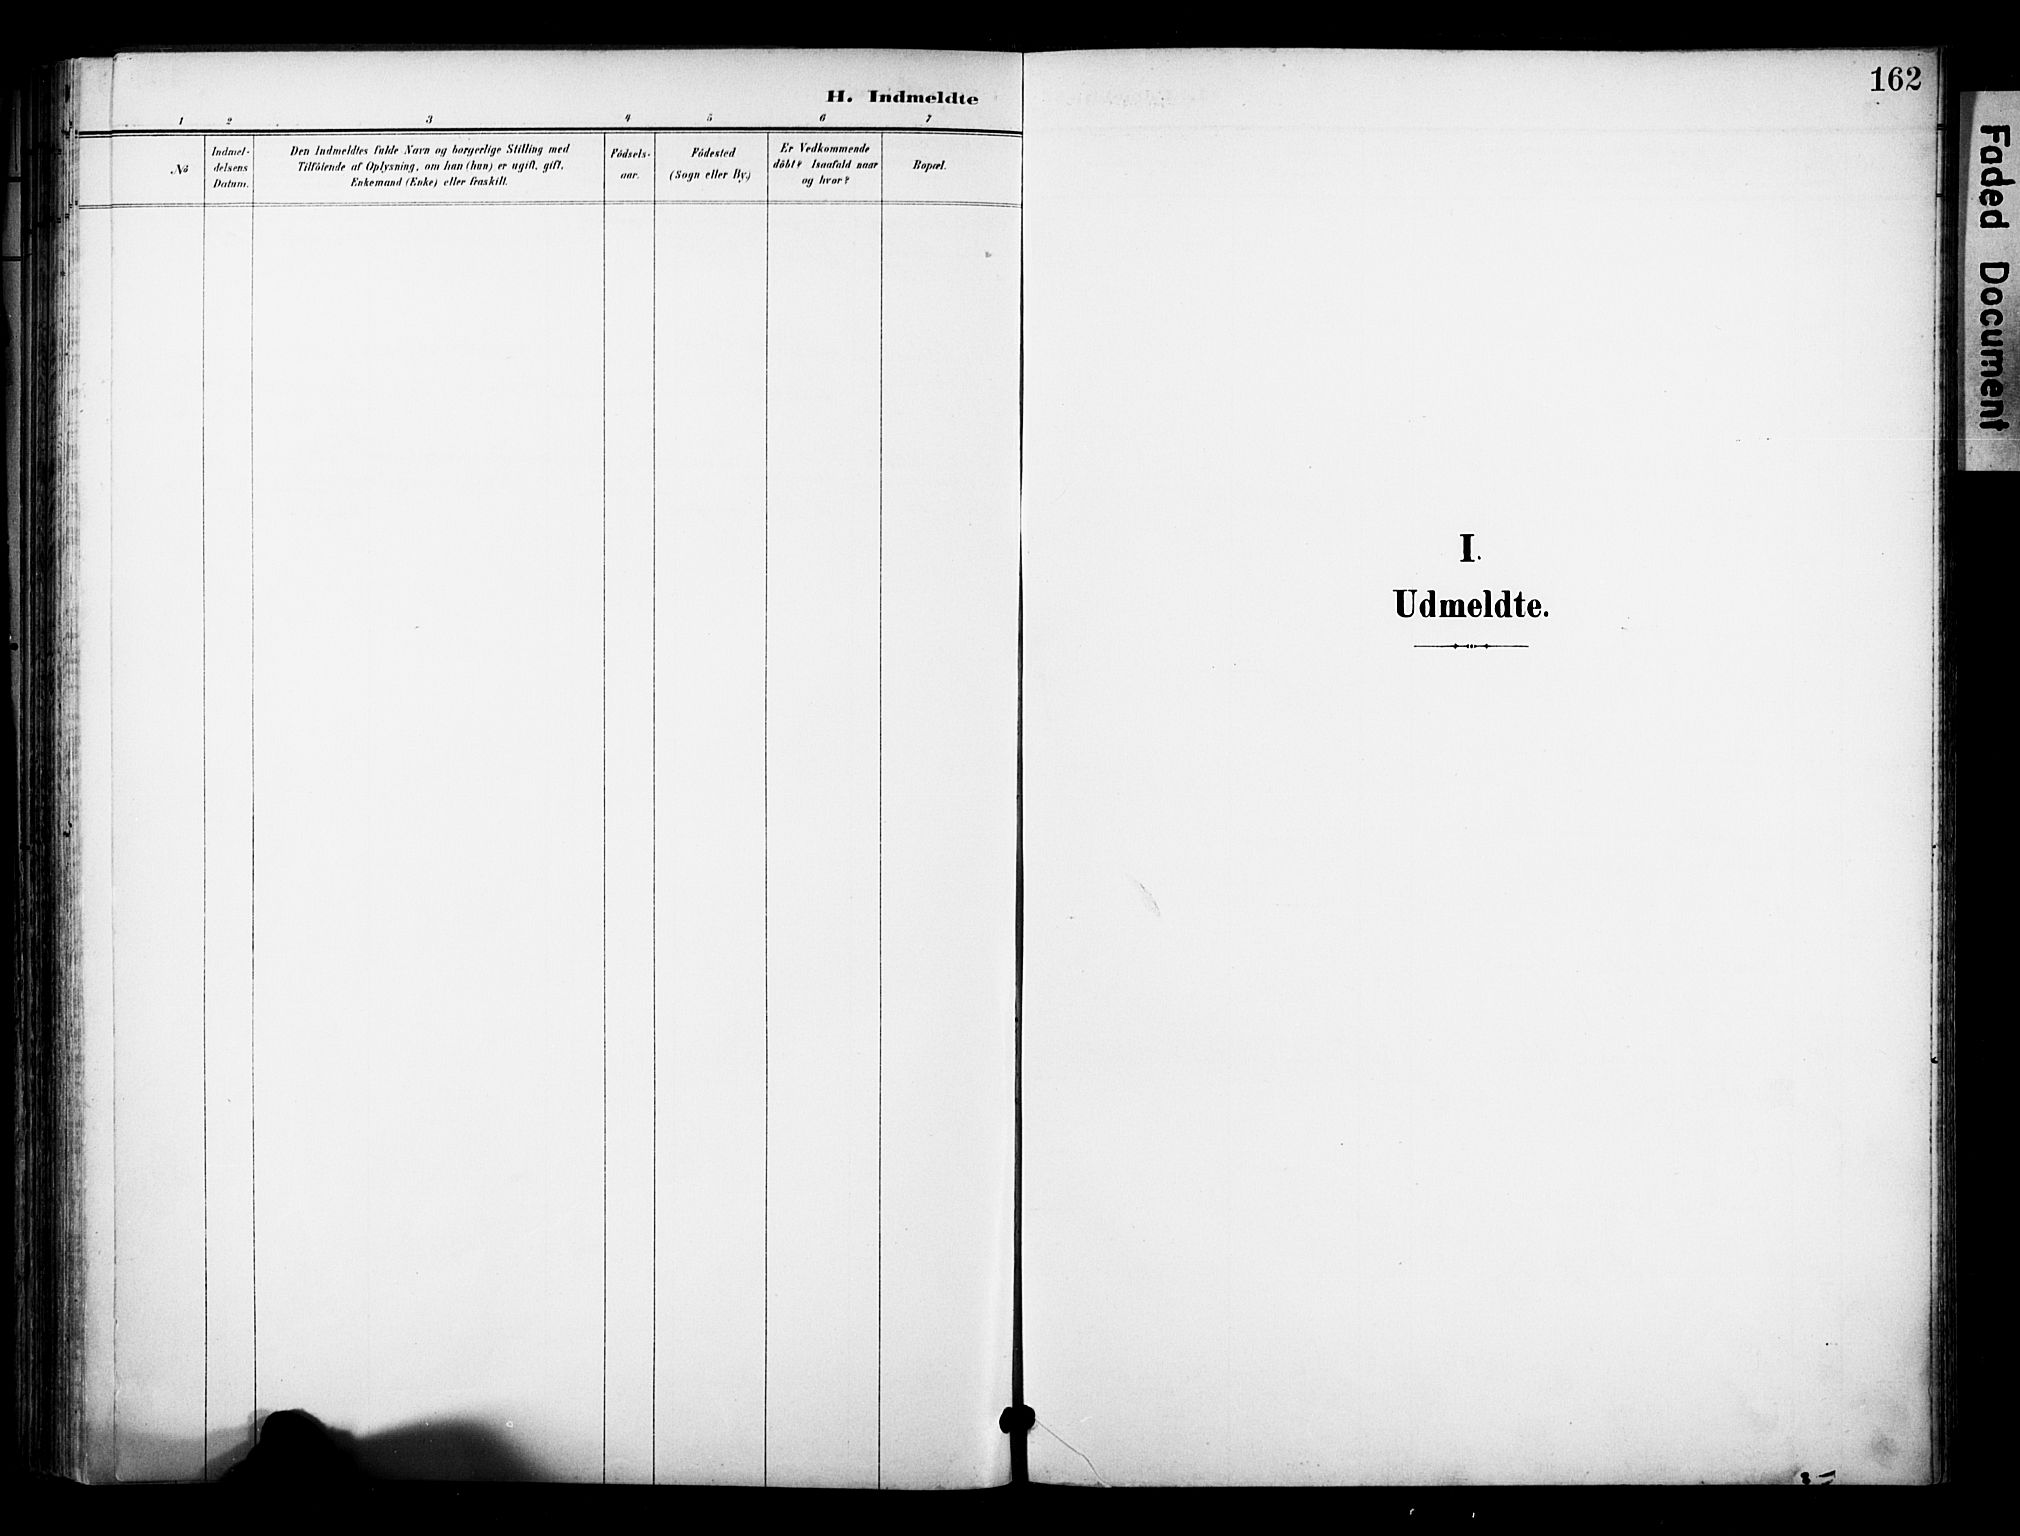 SAKO, Bø kirkebøker, F/Fa/L0012: Ministerialbok nr. 12, 1900-1908, s. 162